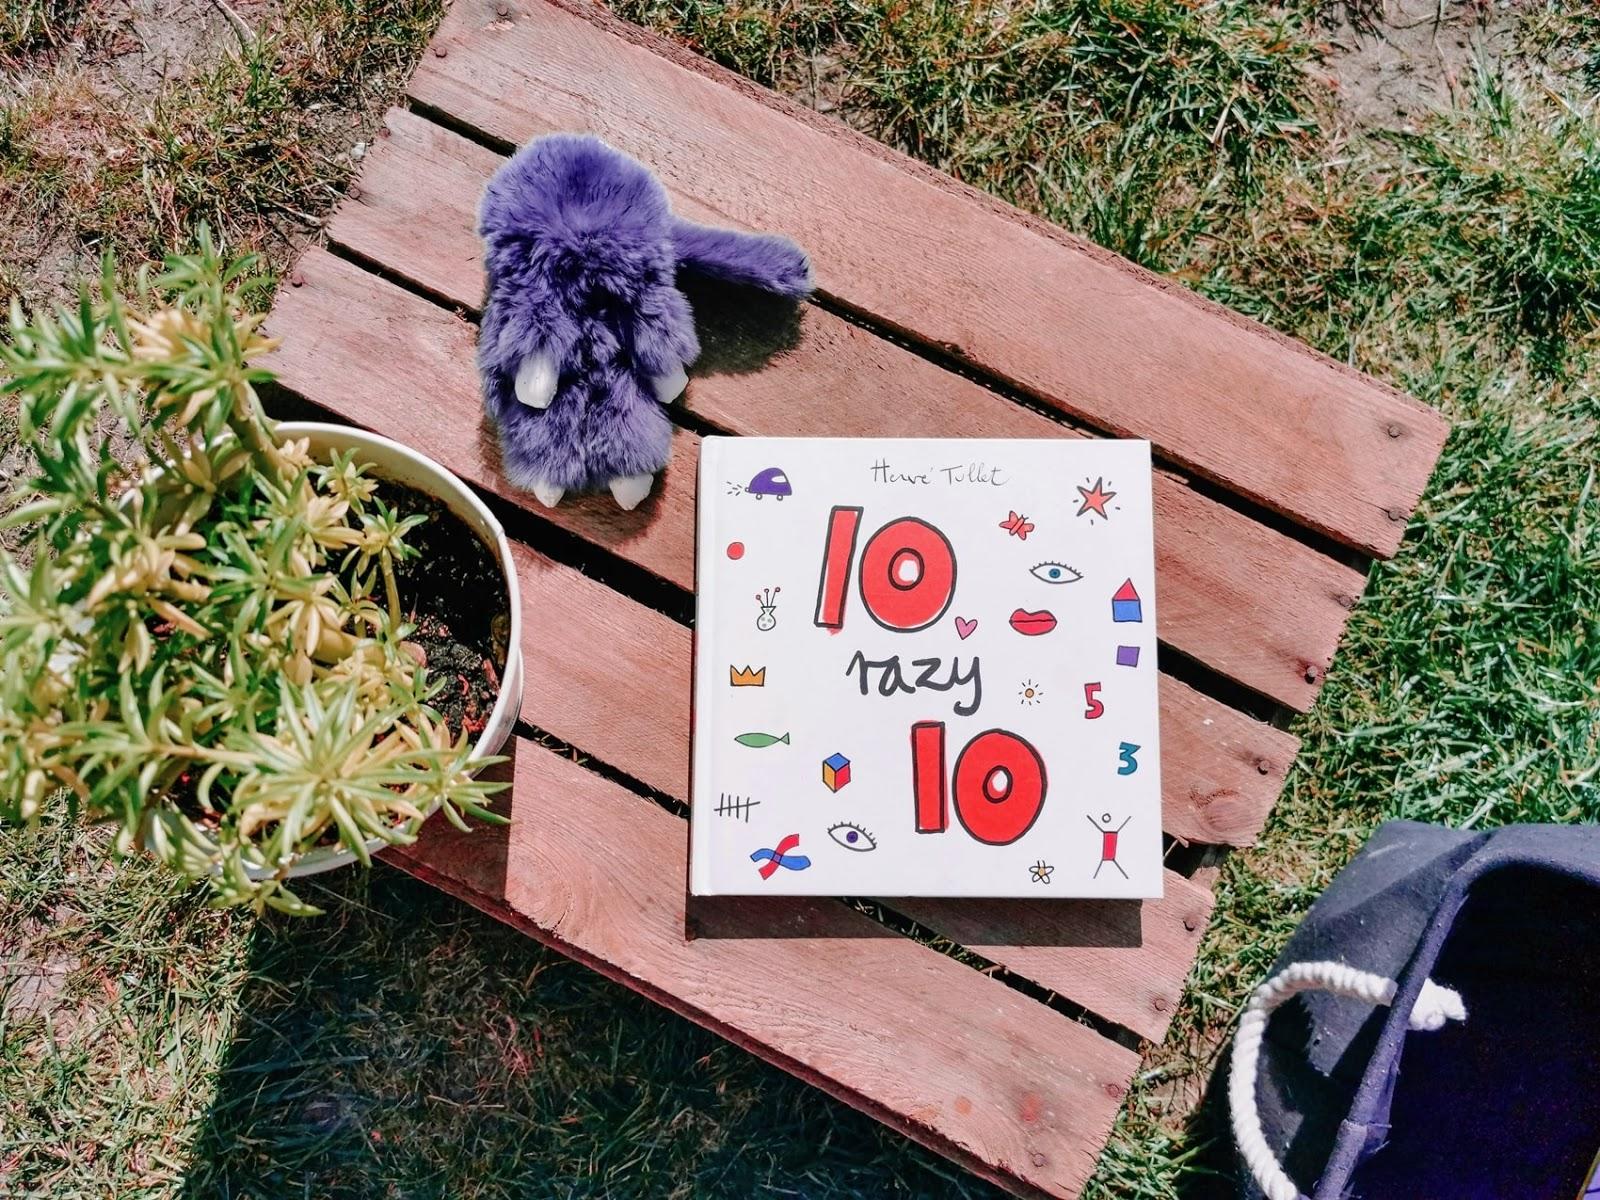 10-razy-10_ksiazka